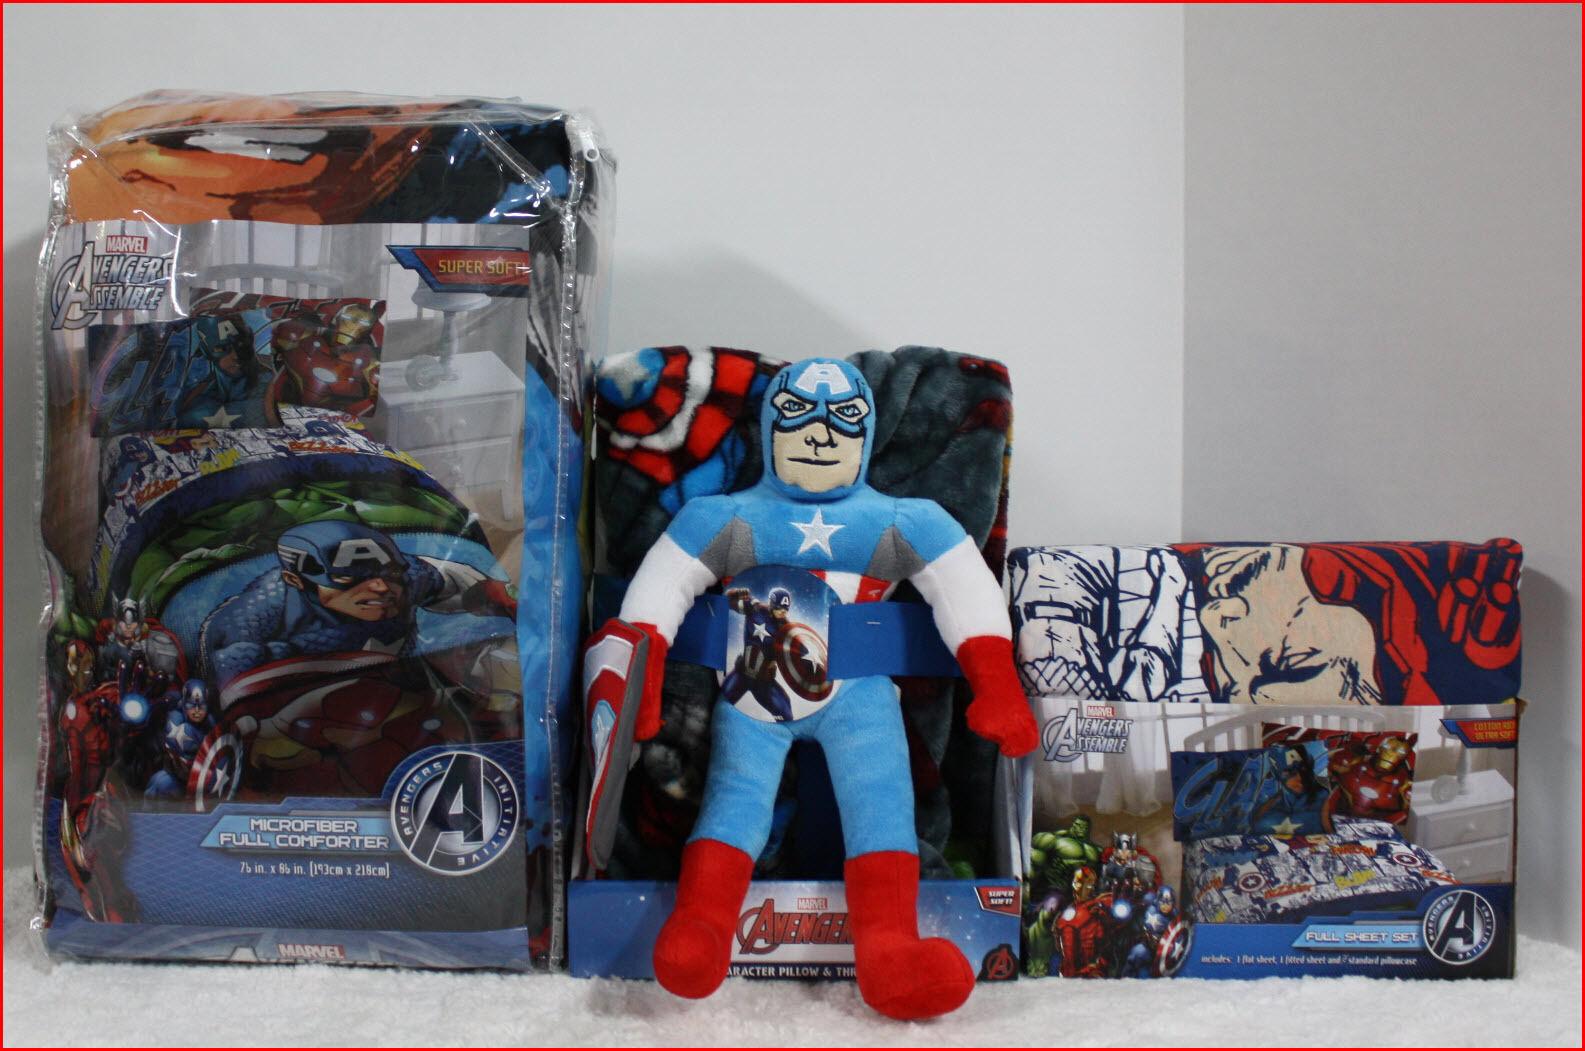 7 pc-Marvel Avengers couette + draps + plaid + coussin Captain America-COMPLET